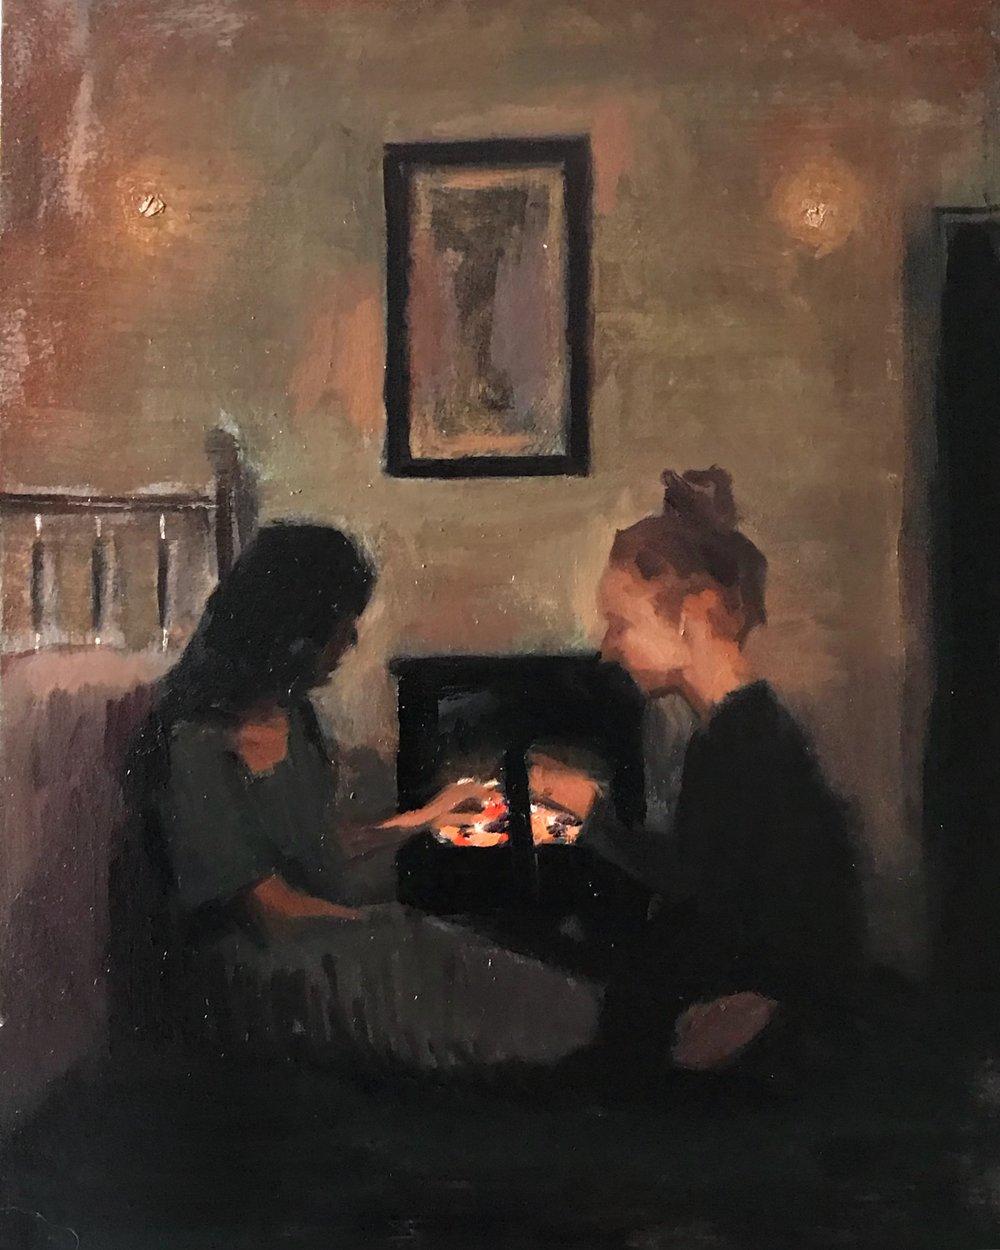 women & fire, oil on panel, 2018